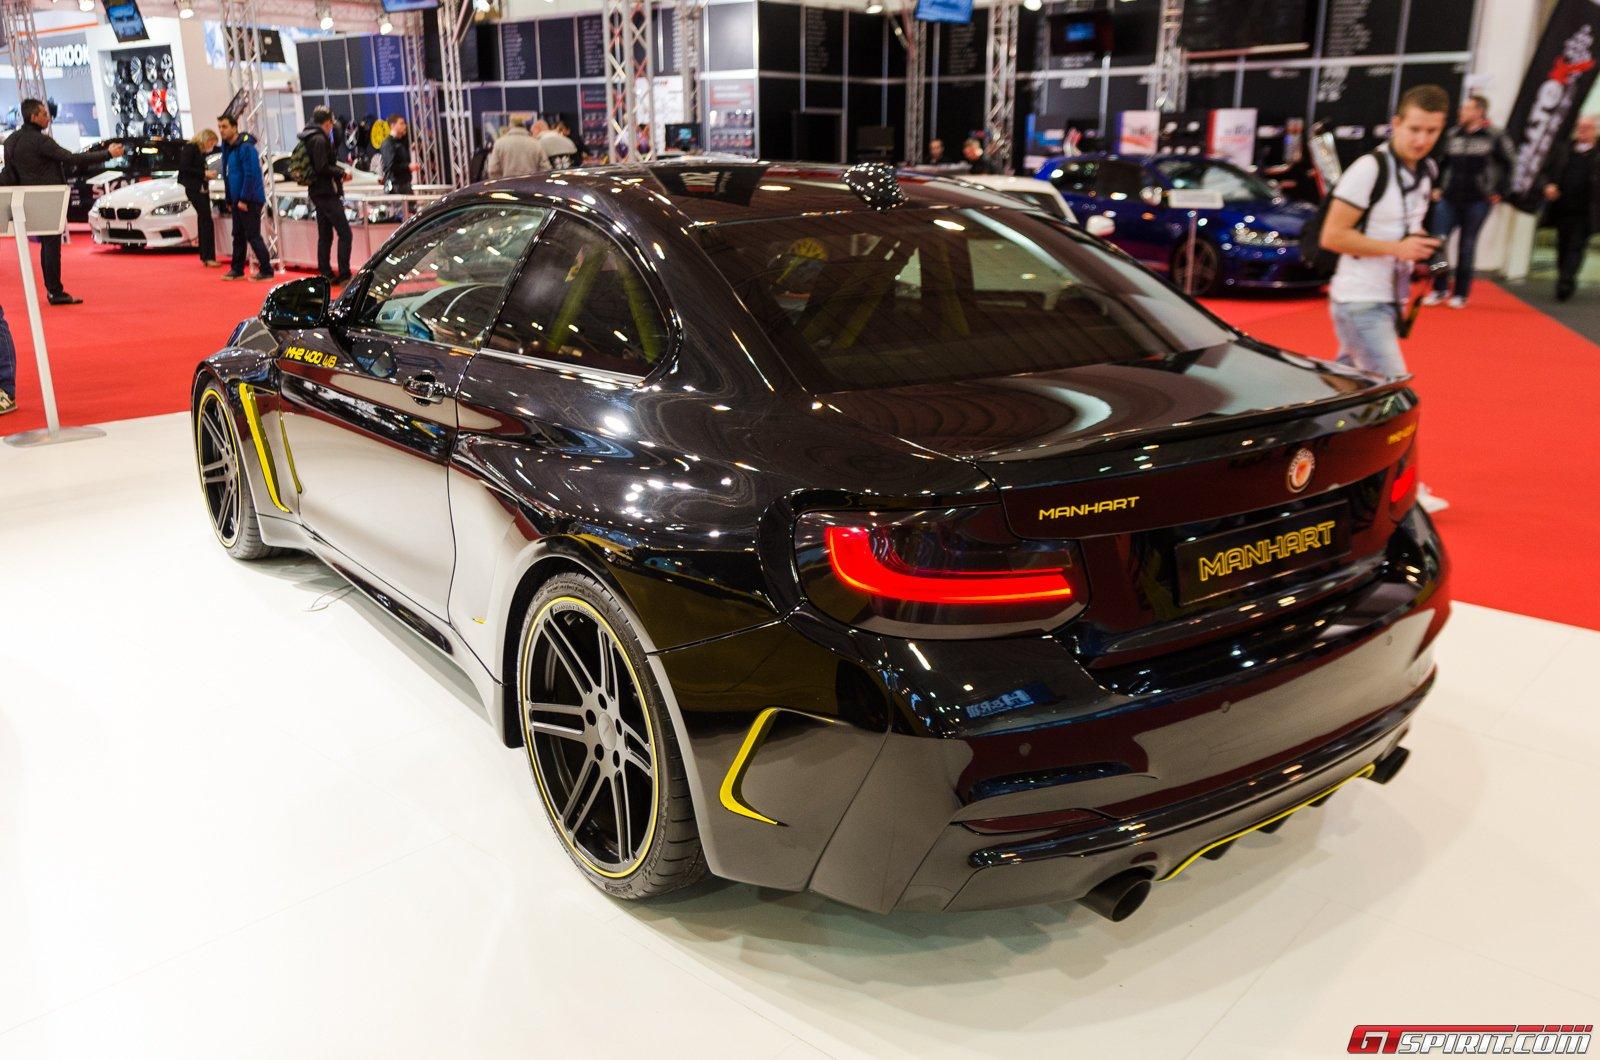 Essen 2014 Manhart MH2 400 BMW M235i  GTspirit